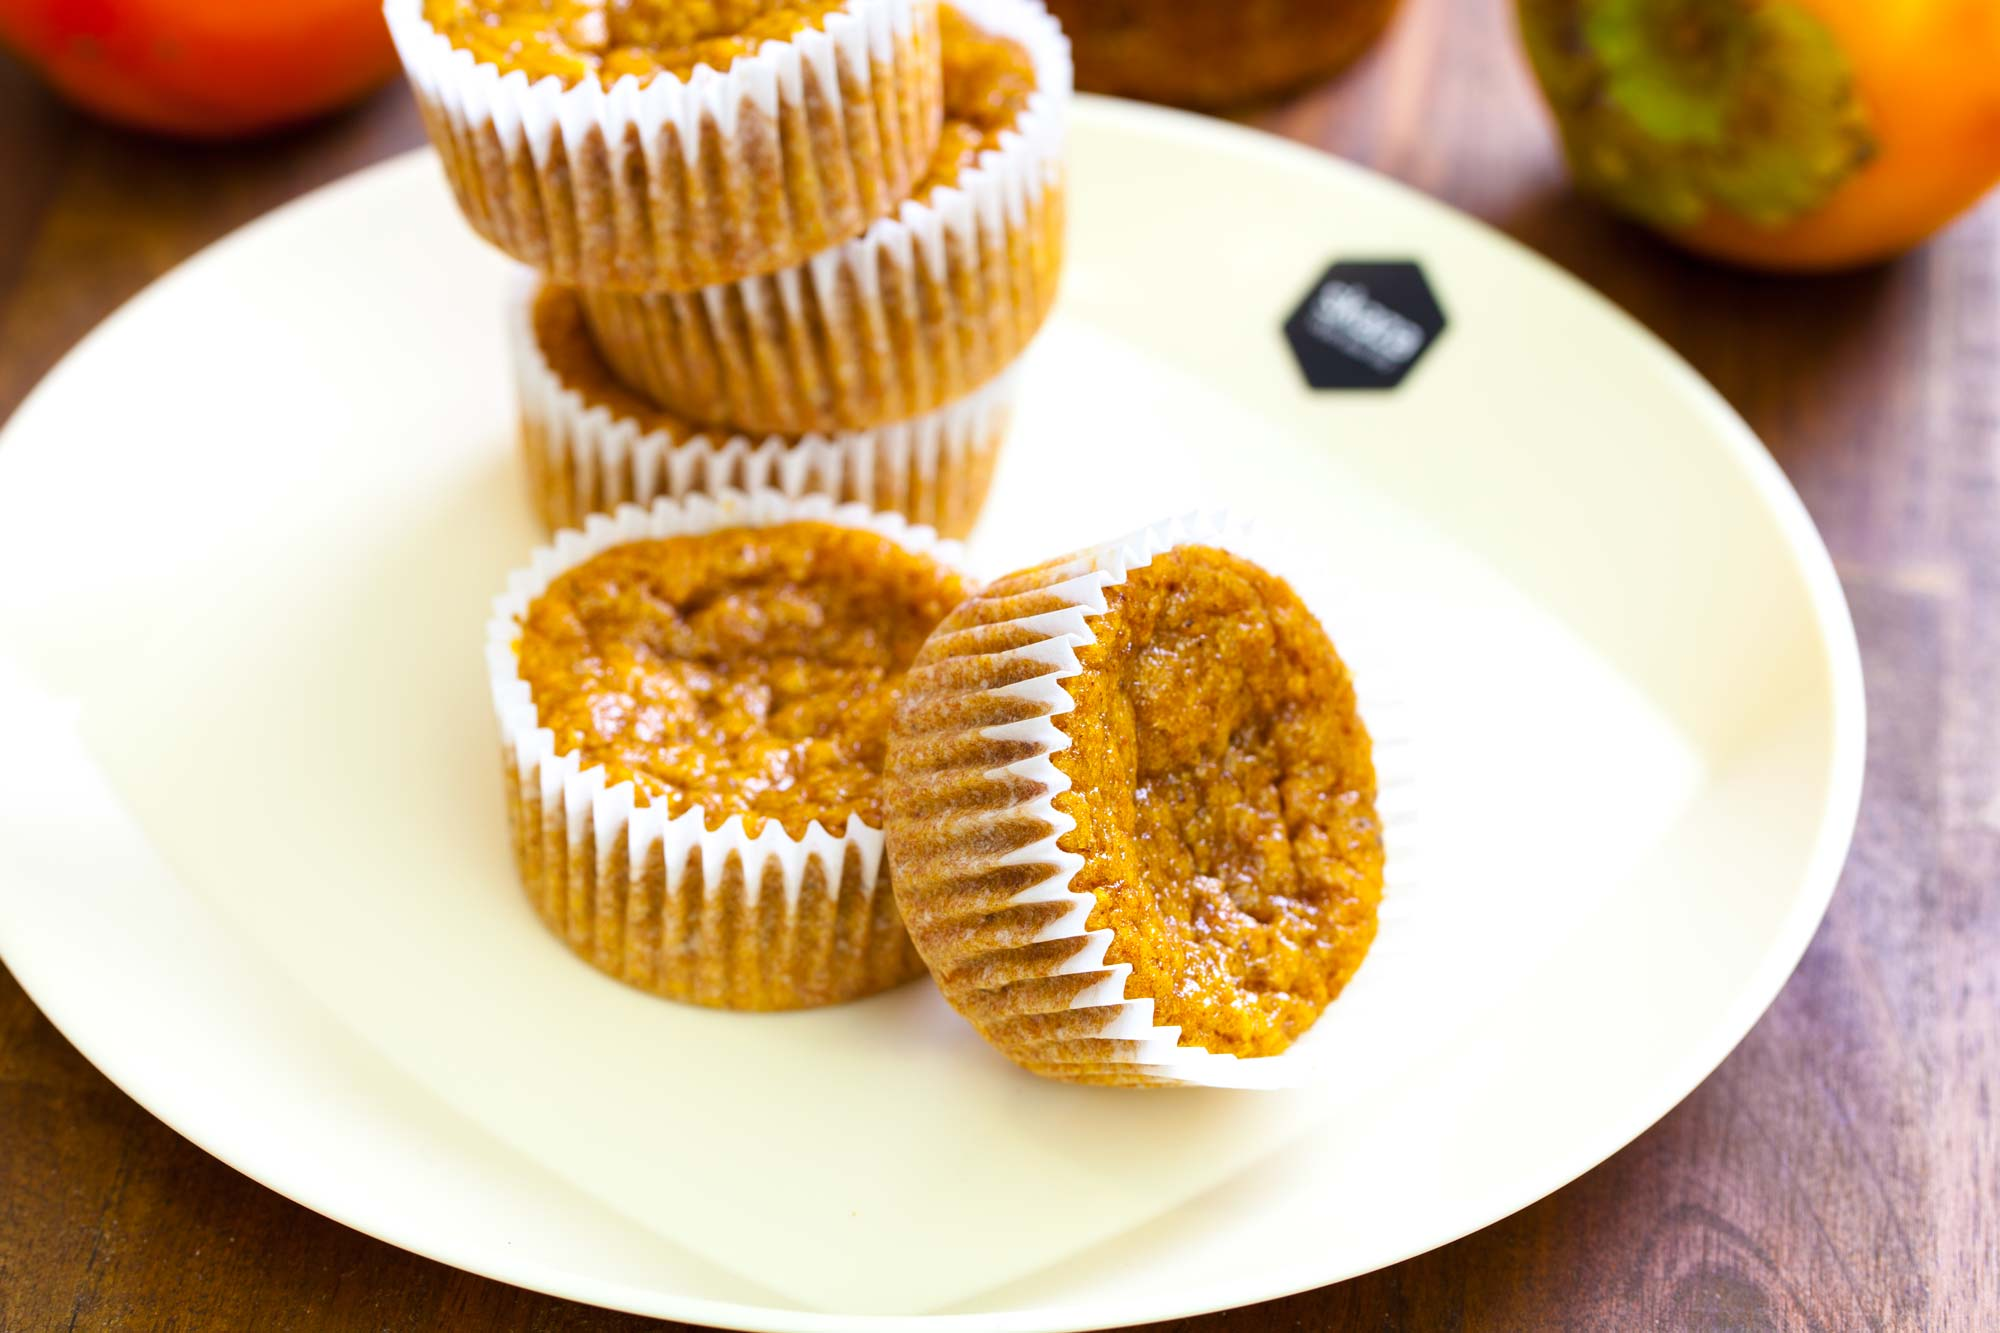 Začinjeni kakijevi muffini